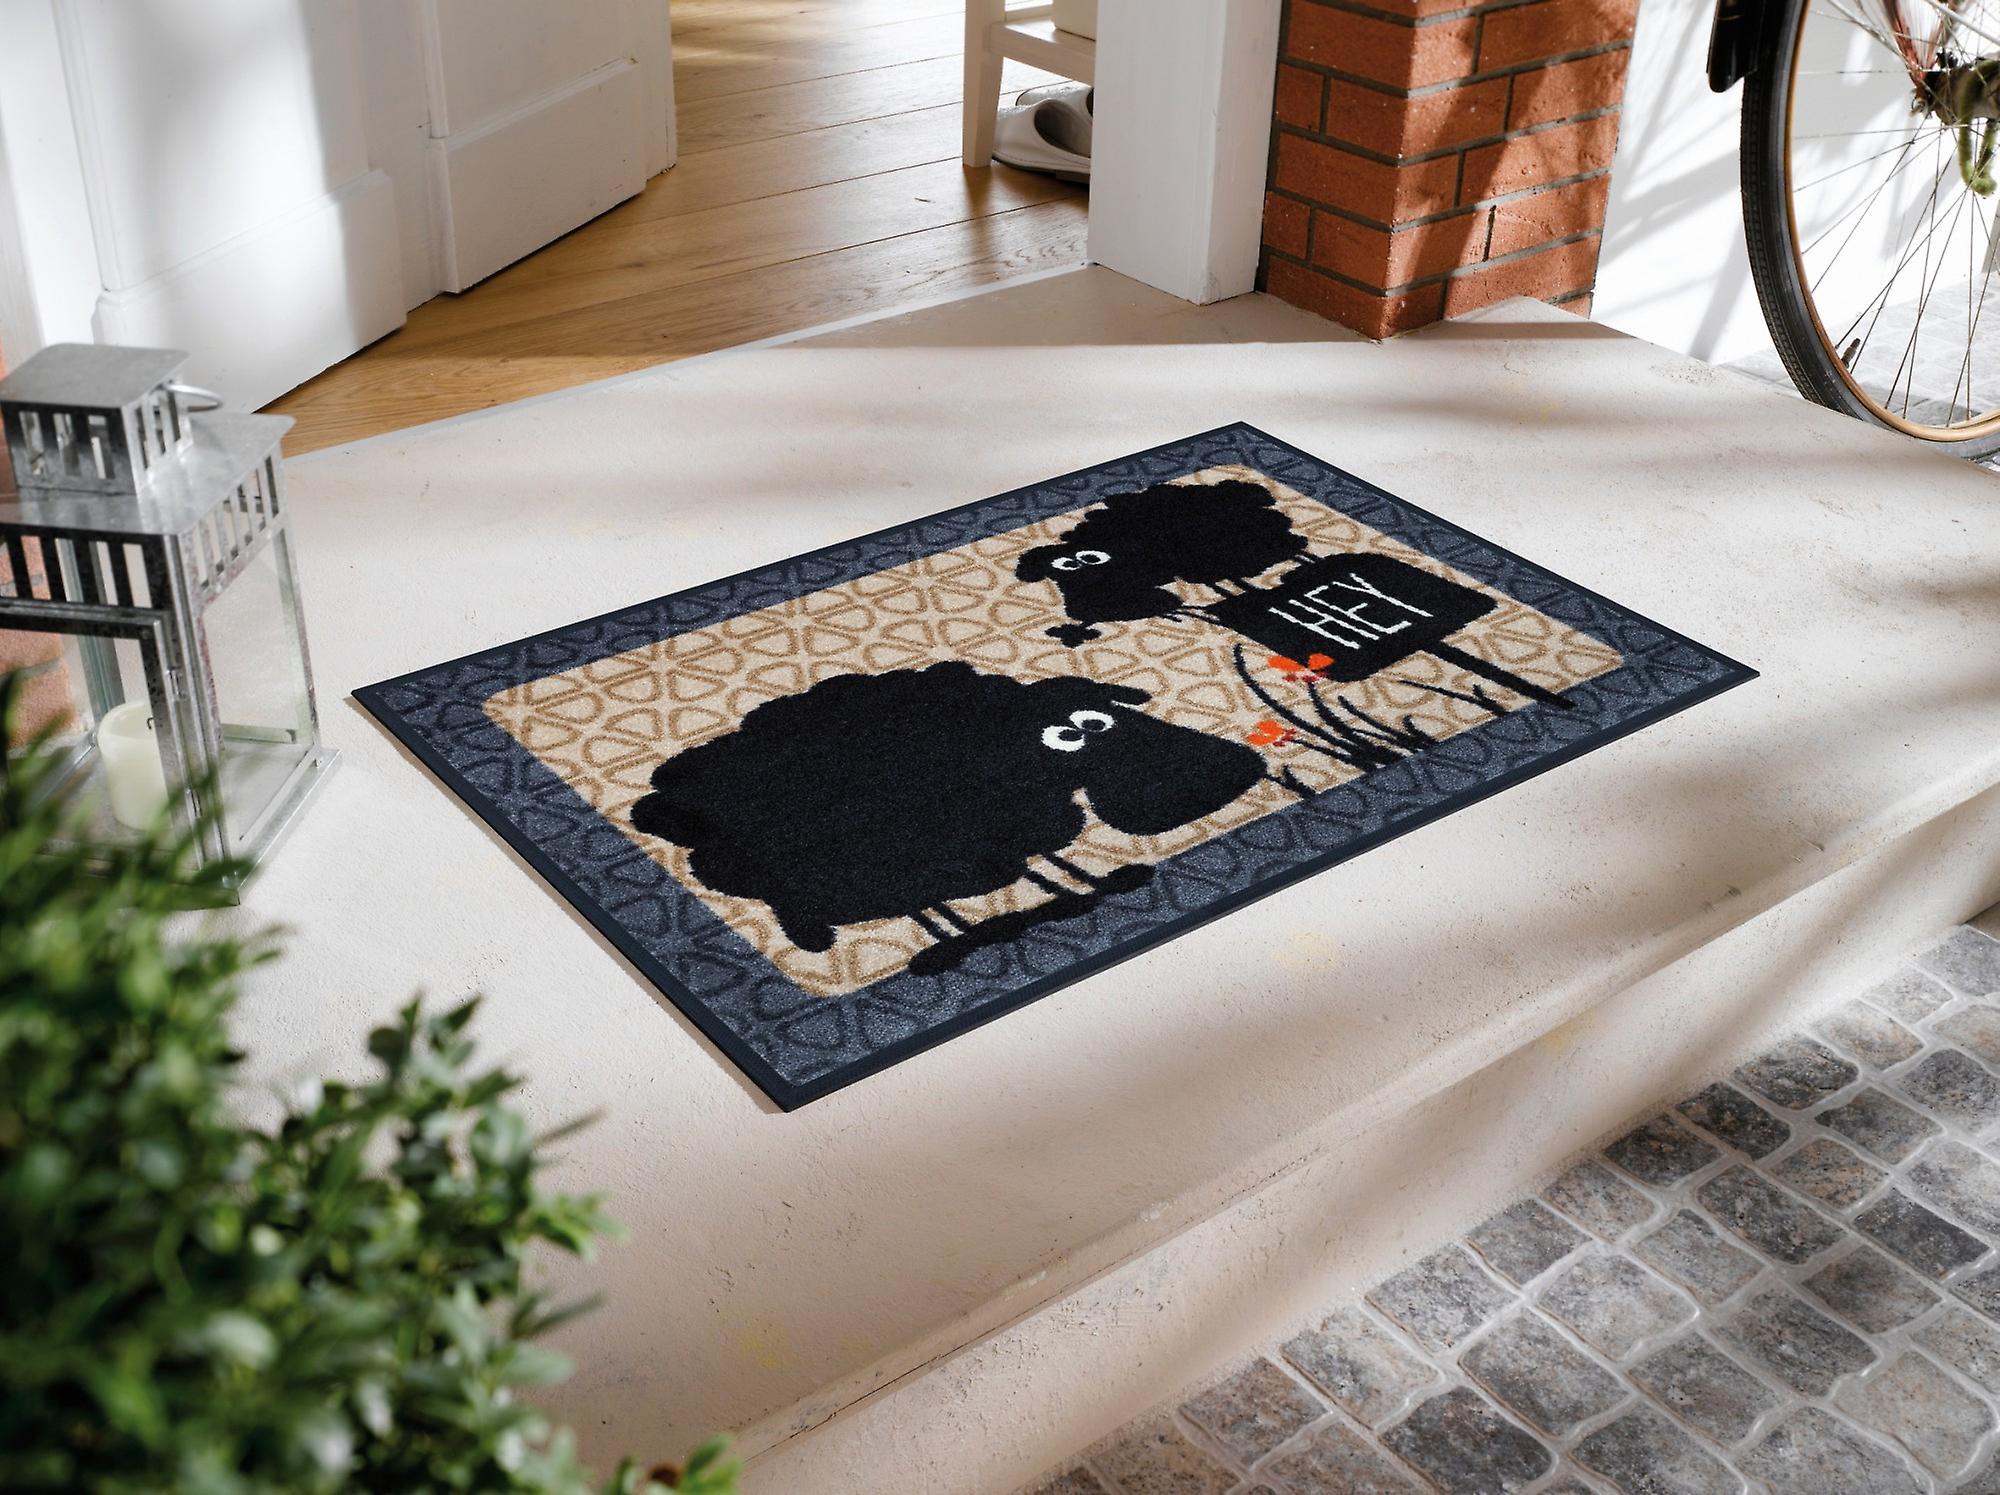 Gertrud & Elsbeth 50 x 75 cm Fußmatte wash+dry